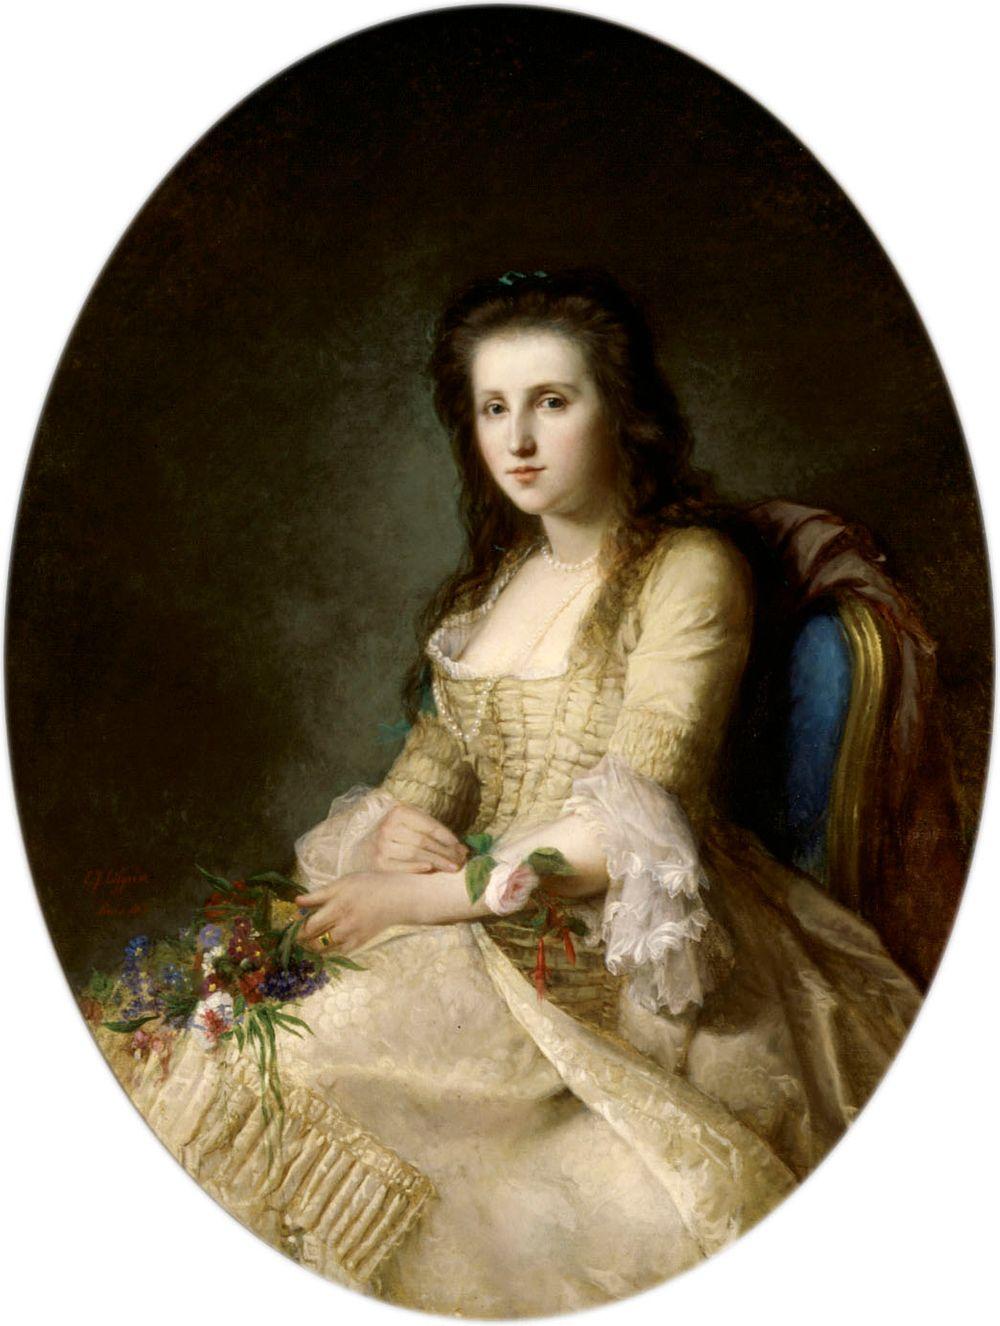 Nainen 1700-luvun puvussa (La Rêverie)